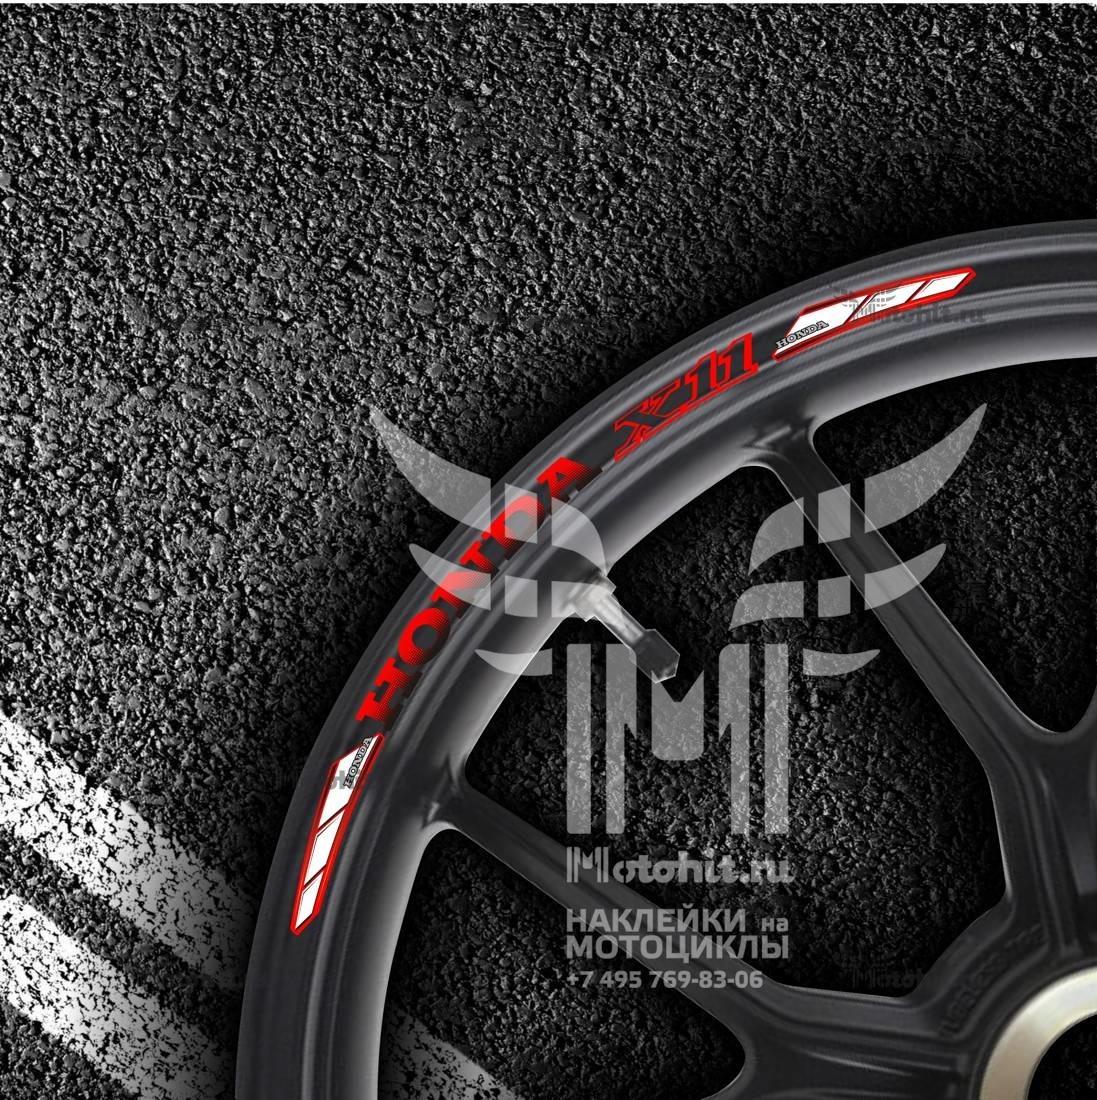 Комплект наклеек на обод колеса мотоцикла HONDA X11